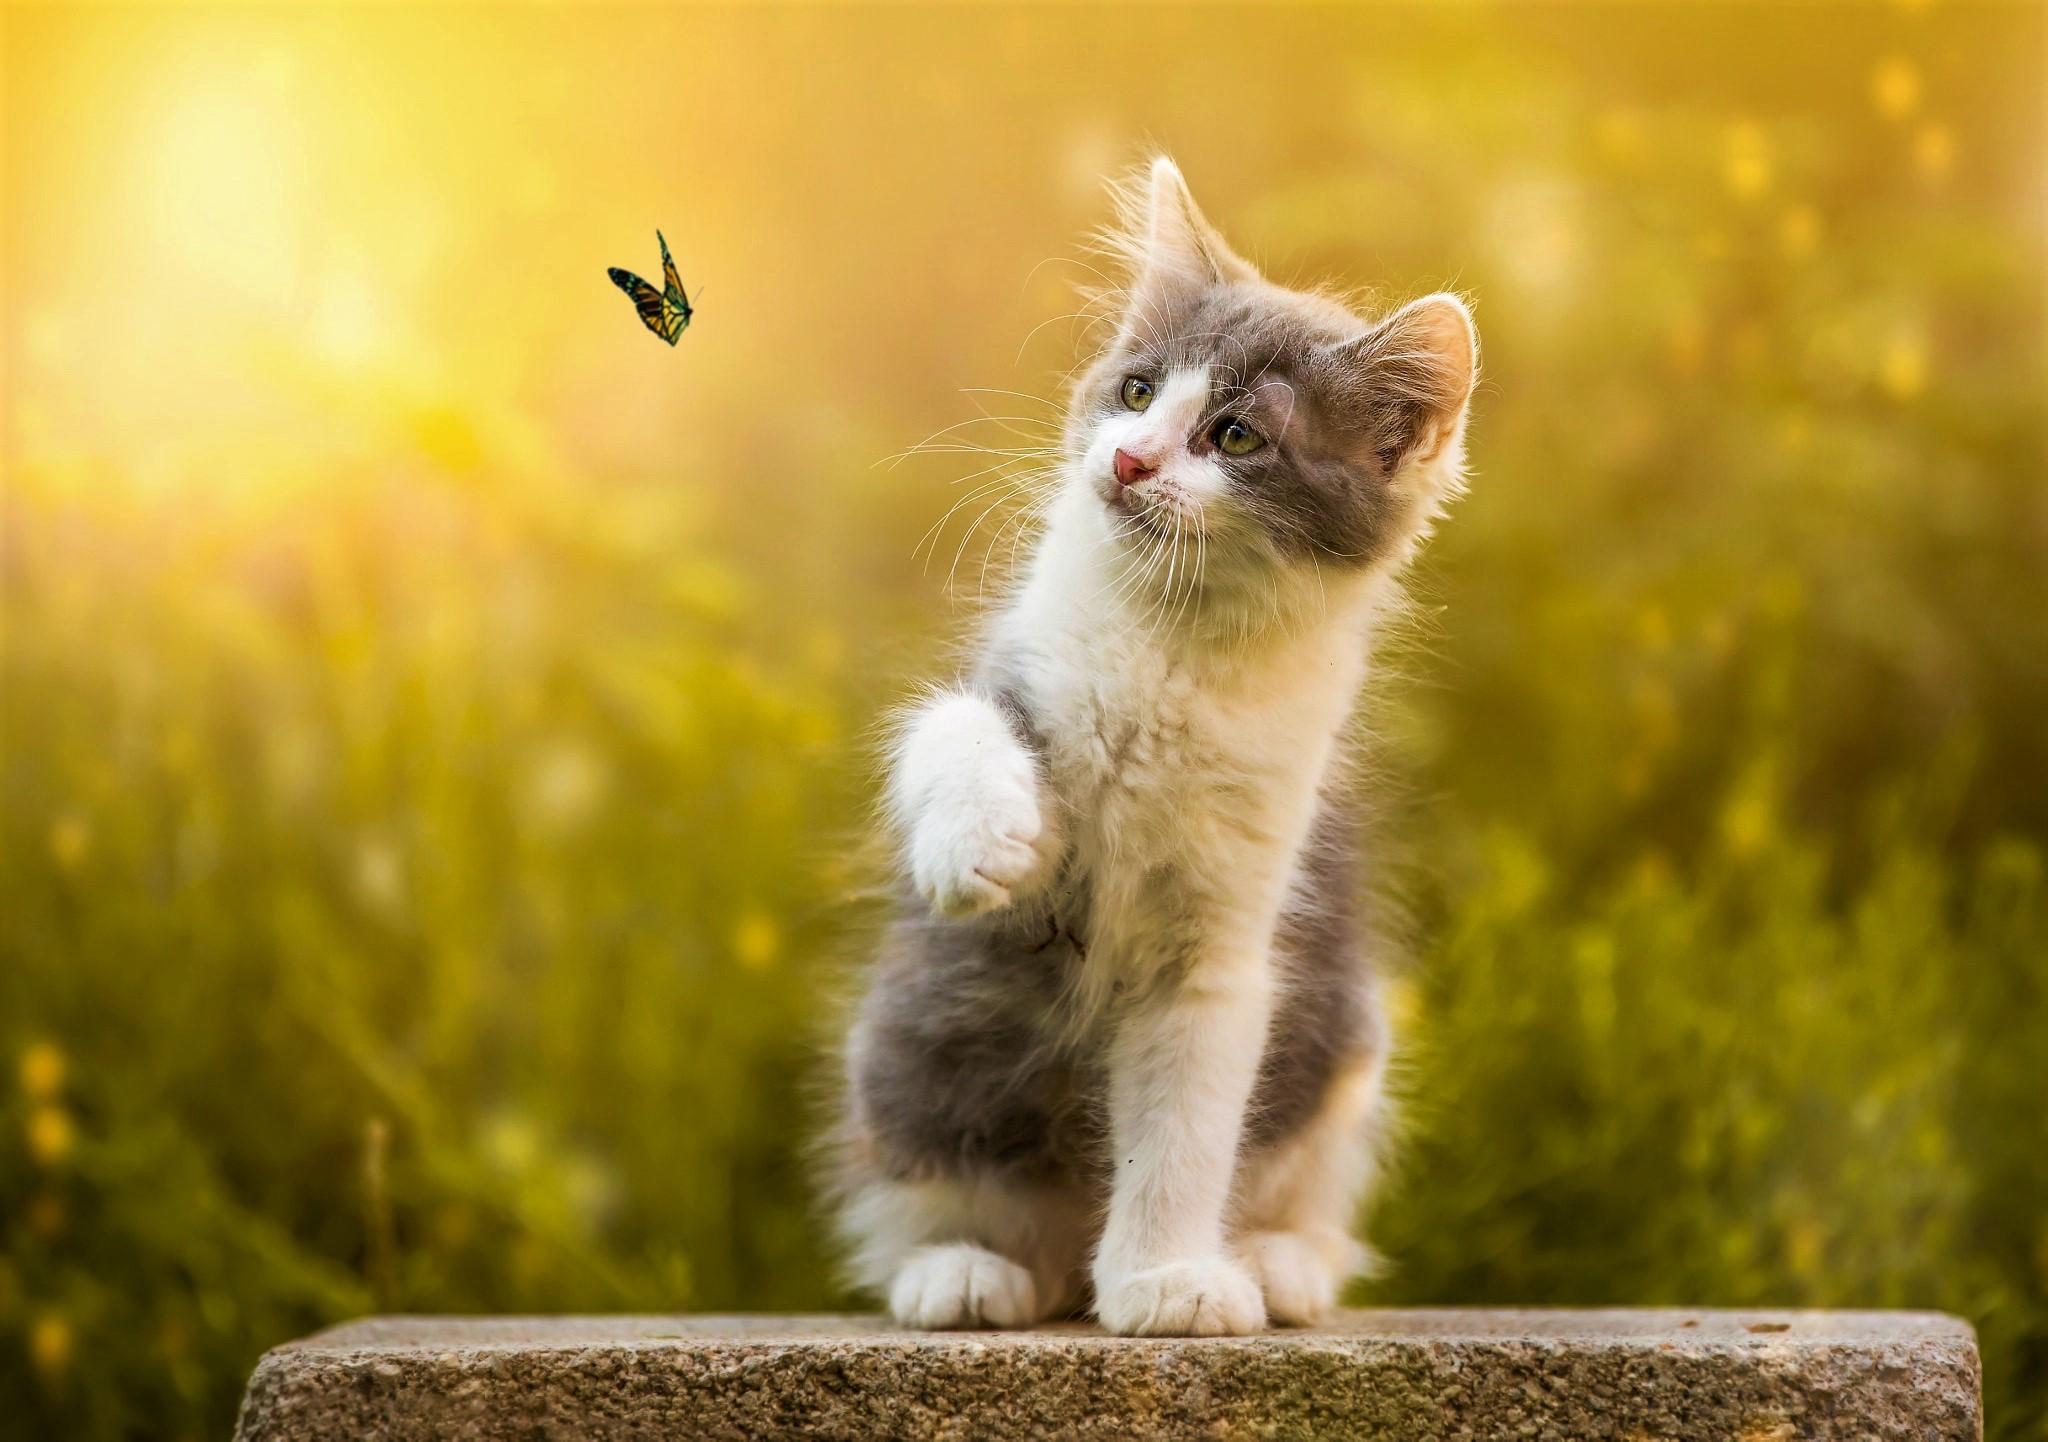 Best Wallpaper Cat Butterfly - 866842  2018_194758 .jpg